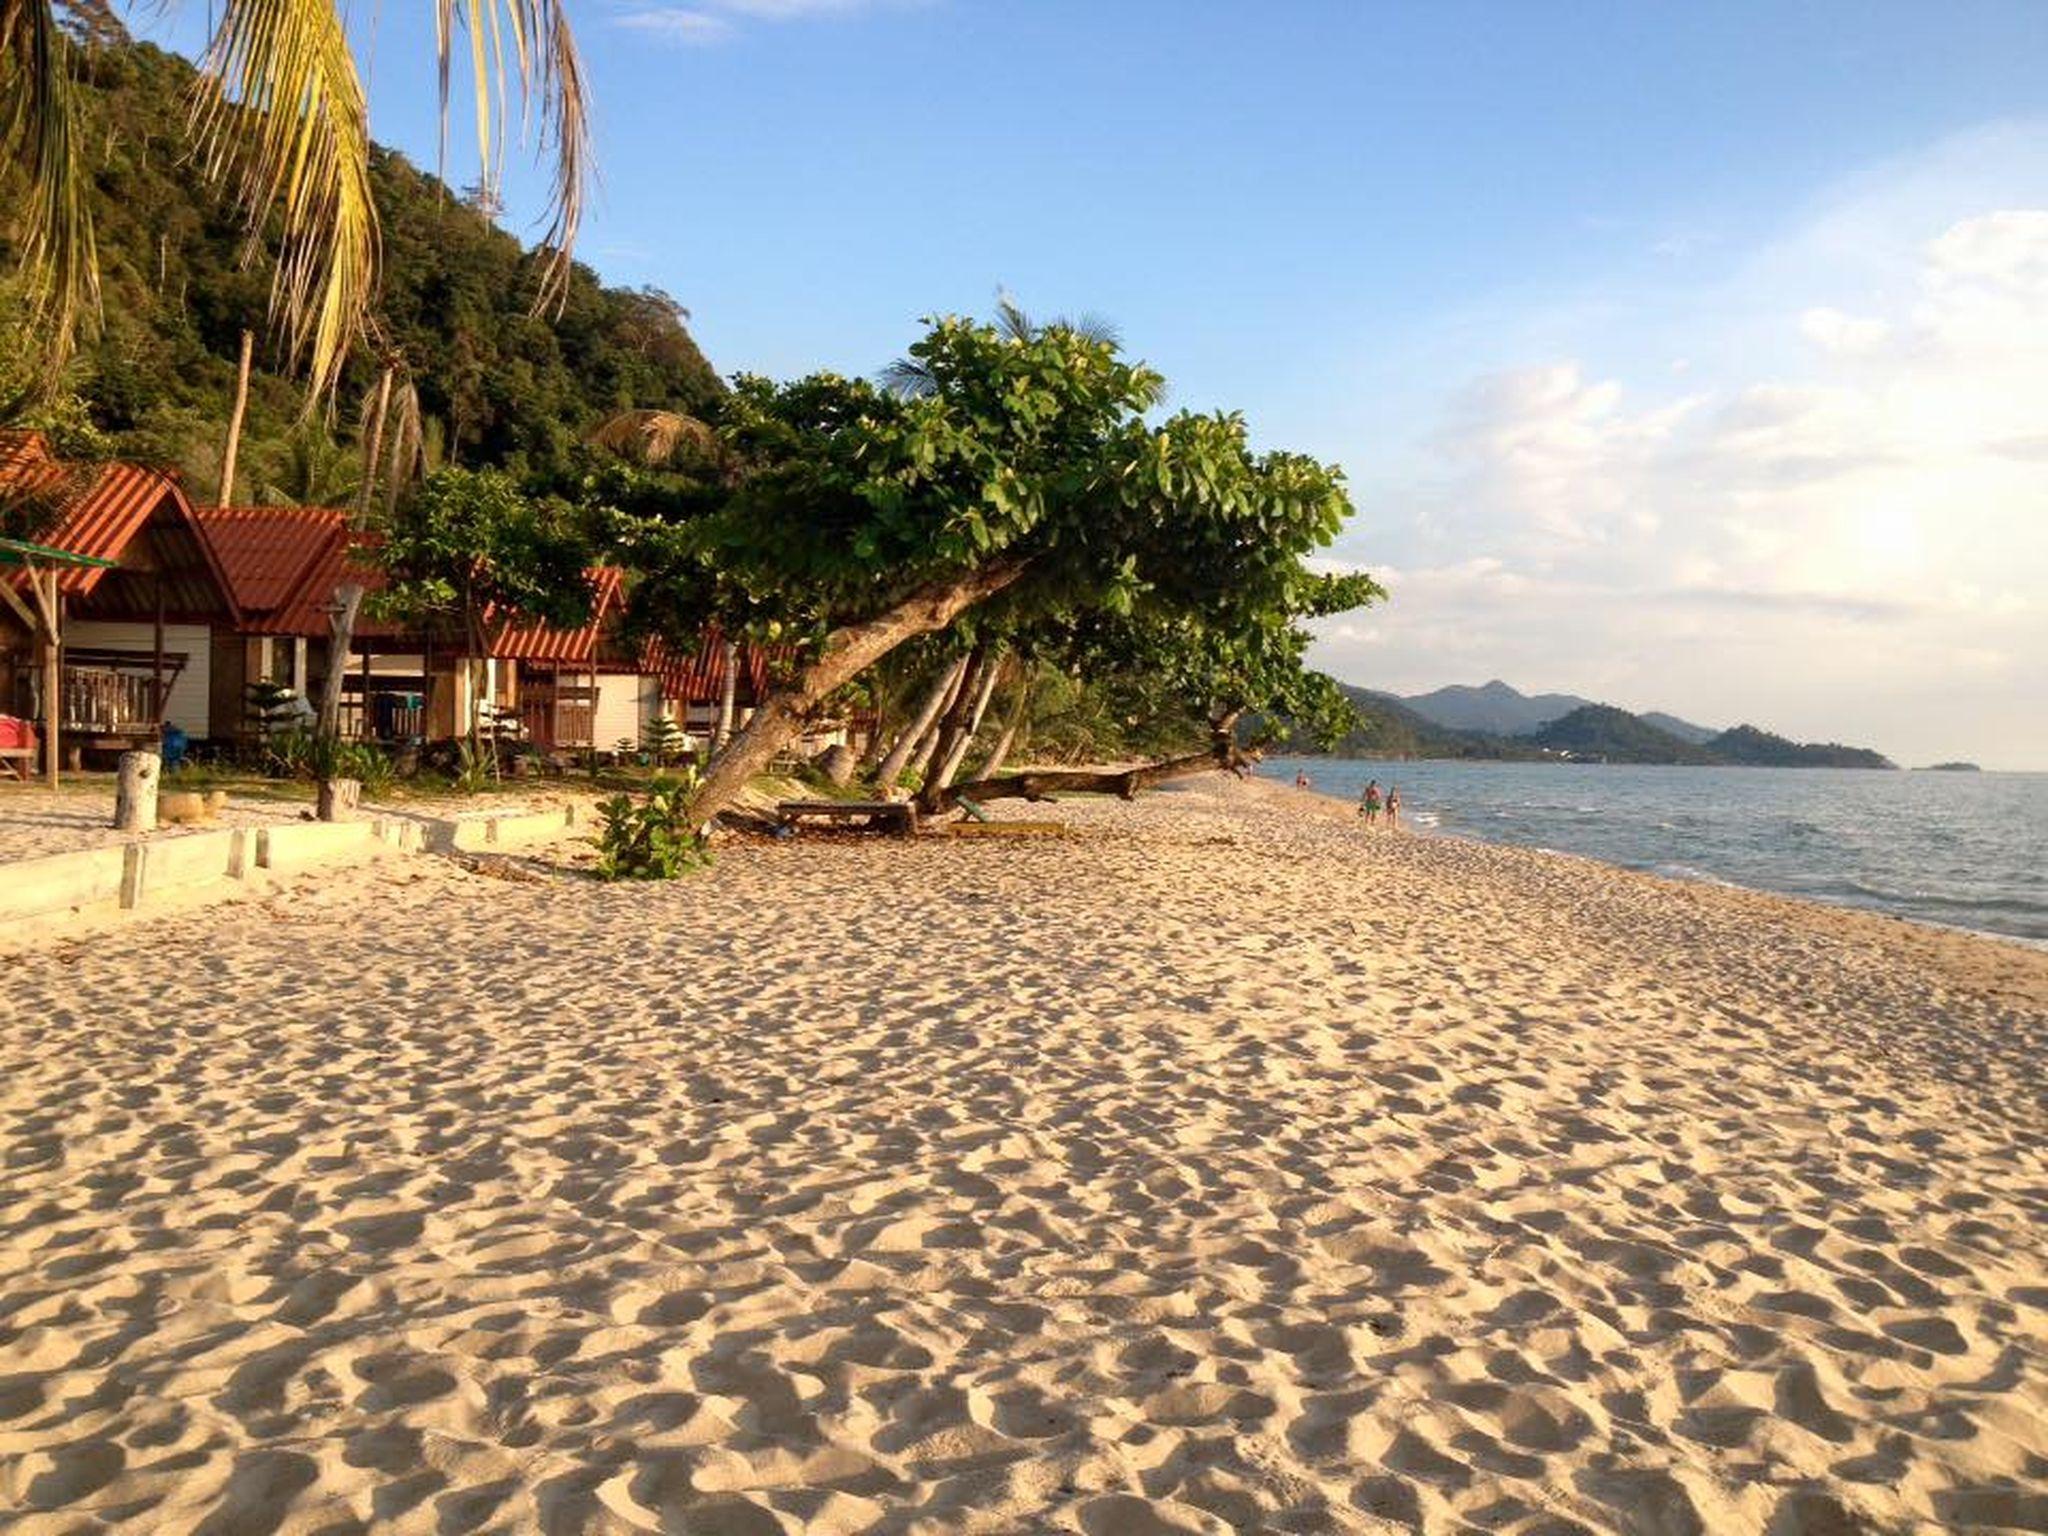 หาดทรายขาว รีสอร์ท